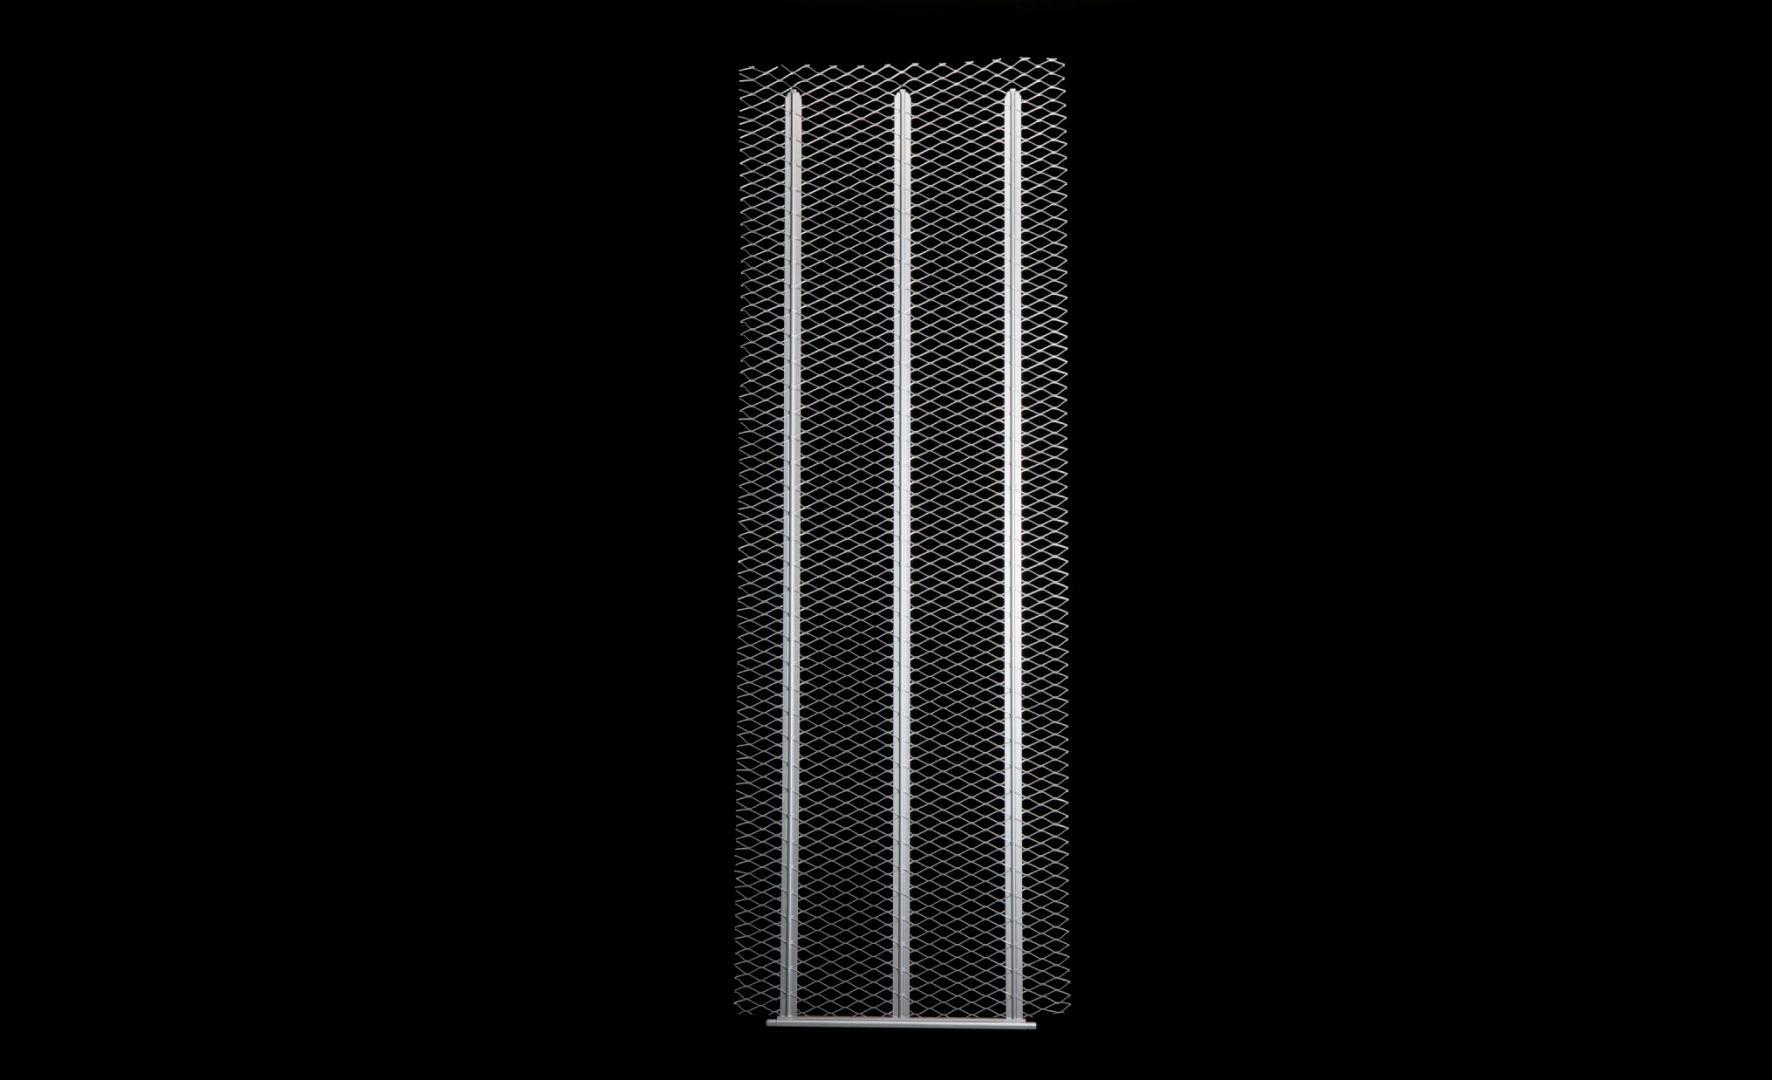 Grzejnik podtynkowy jest inteligentnym połączeniem zalet systemów tradycyjnych i nowoczesnych rozwiązań płaszczyznowych. Cechą indywidualną tego produktu jest prostota i niezawodność znana z tradycyjnych grzejników wiszących oraz prozdrowotnych i ekonomicznych atutów systemów płaszczyznowych. Fot. 3THERMO